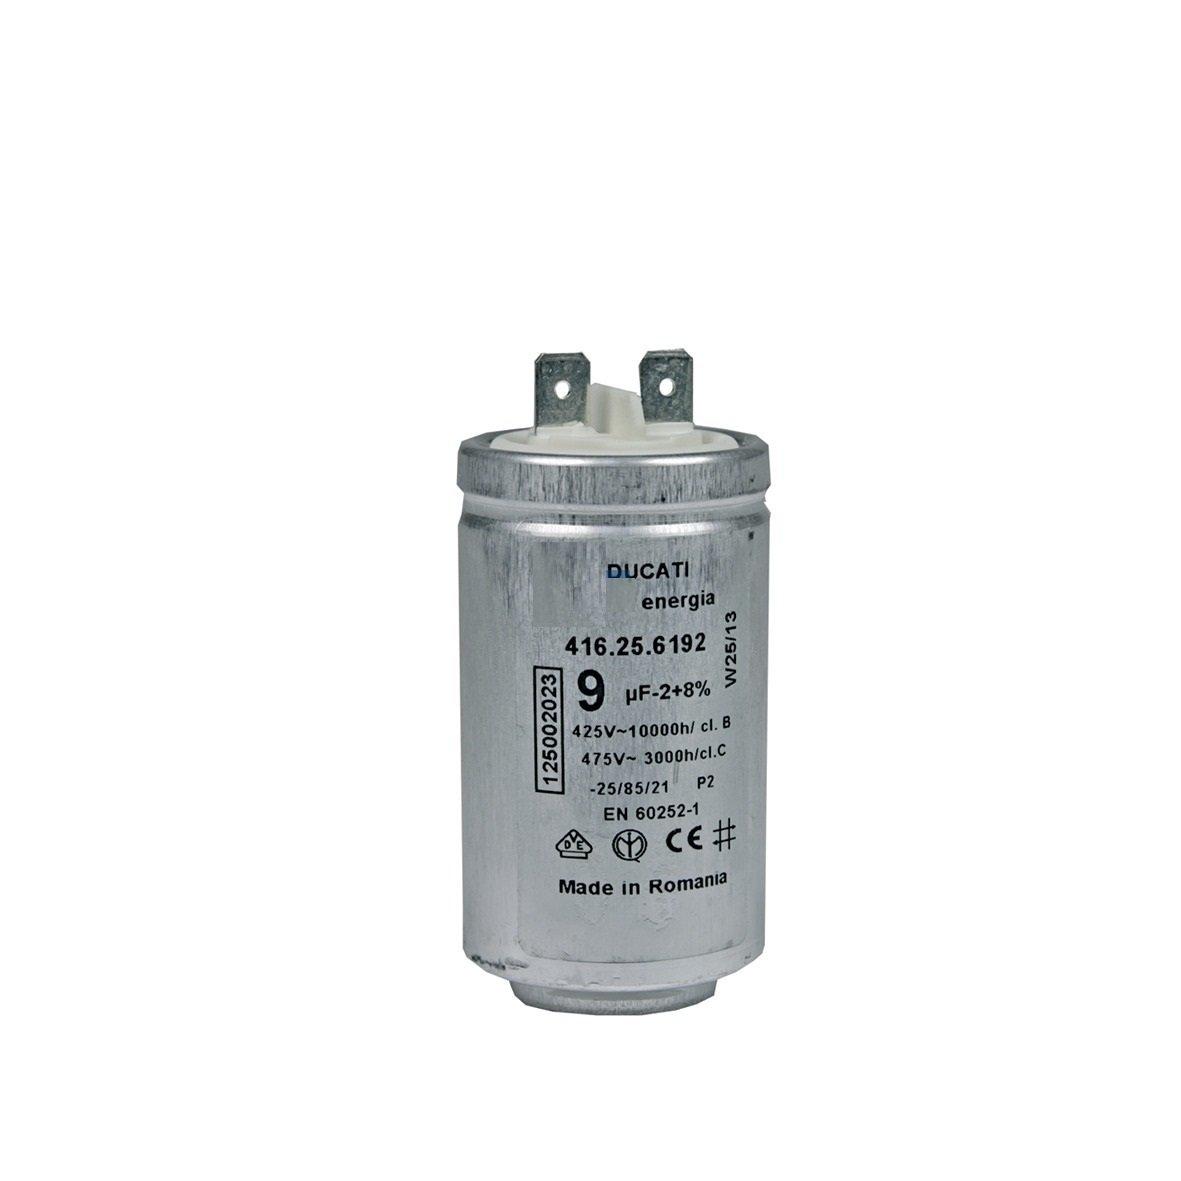 Motor-iniziare a condensatore 9 µF uF 450 V Electrolux AEG 125002022 DUCATI